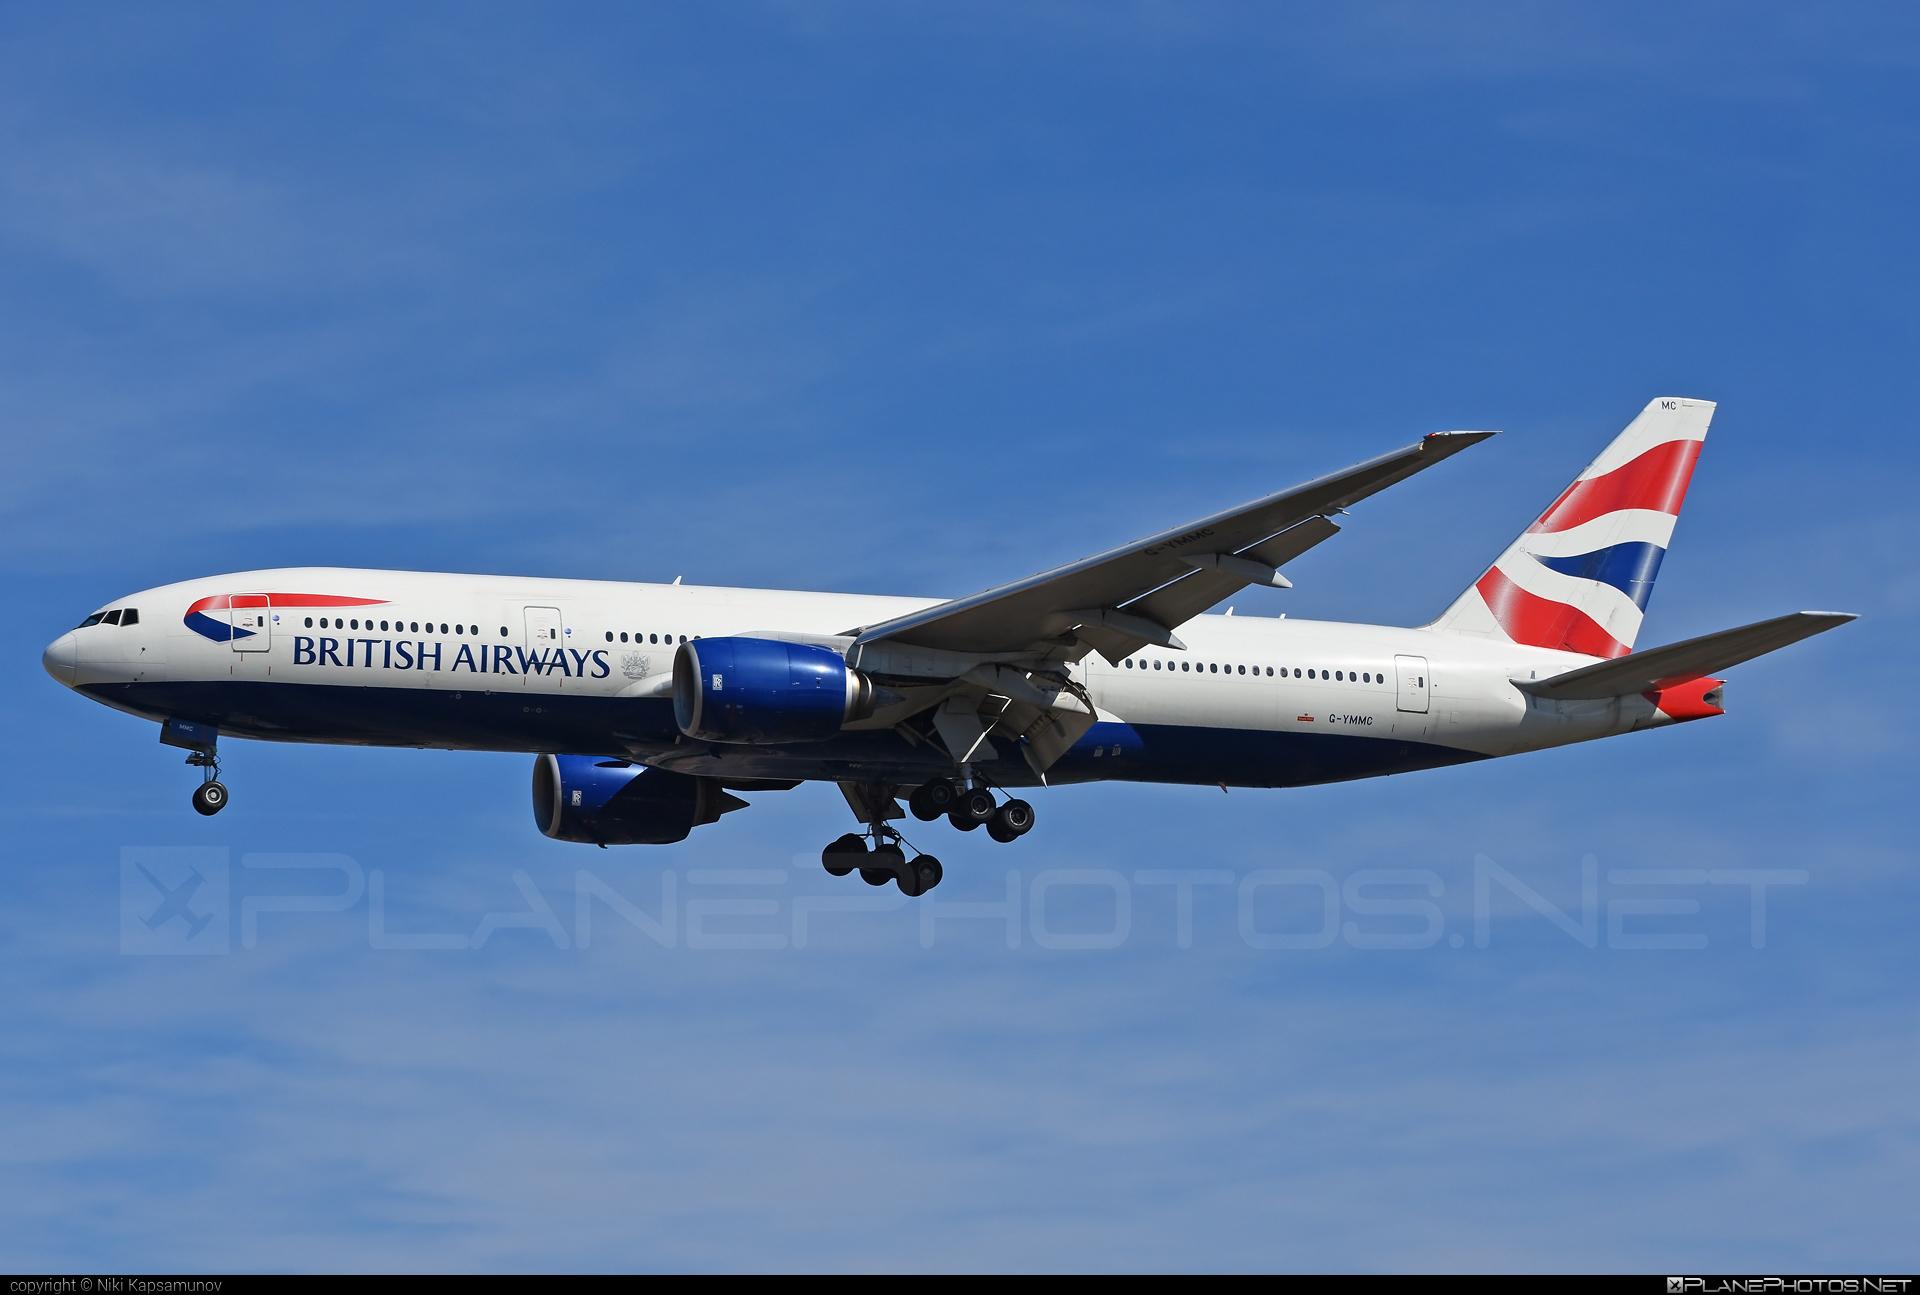 Boeing 777-200ER - G-YMMC operated by British Airways #b777 #b777er #boeing #boeing777 #britishairways #tripleseven